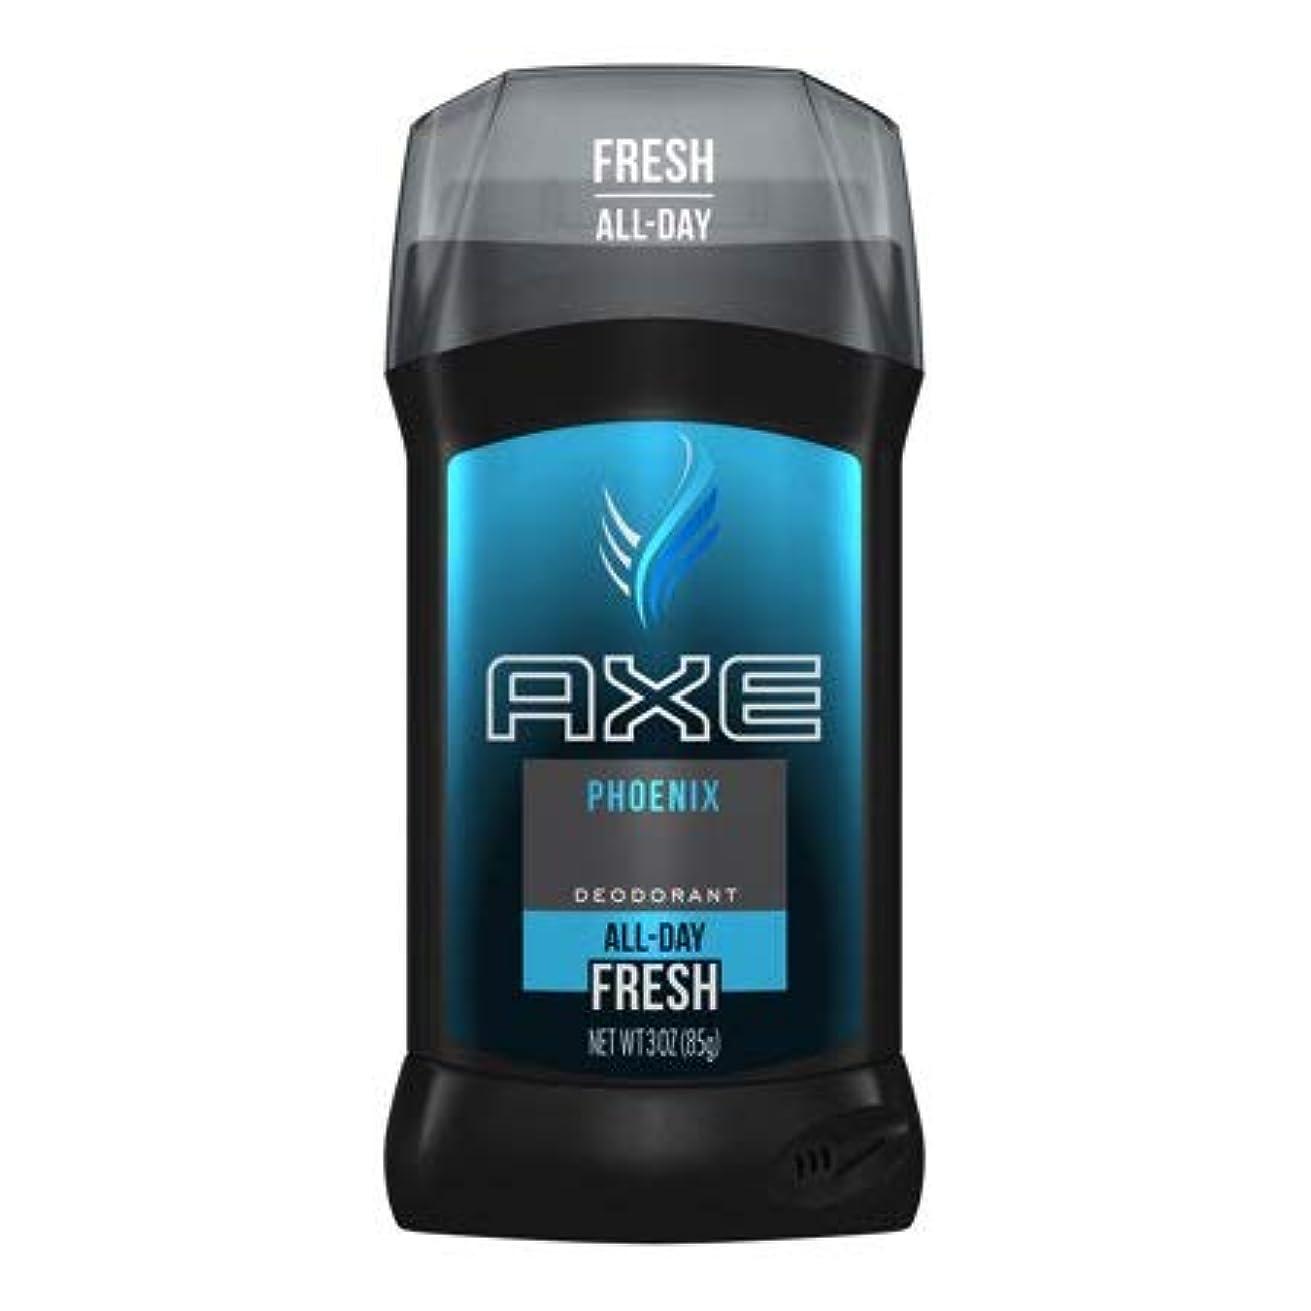 後無実落花生AXE Phoenix Deodorant Stick Fresh 3 oz アクセ フェニックス フレッシュ デオドラント 海外直送品 [並行輸入品]